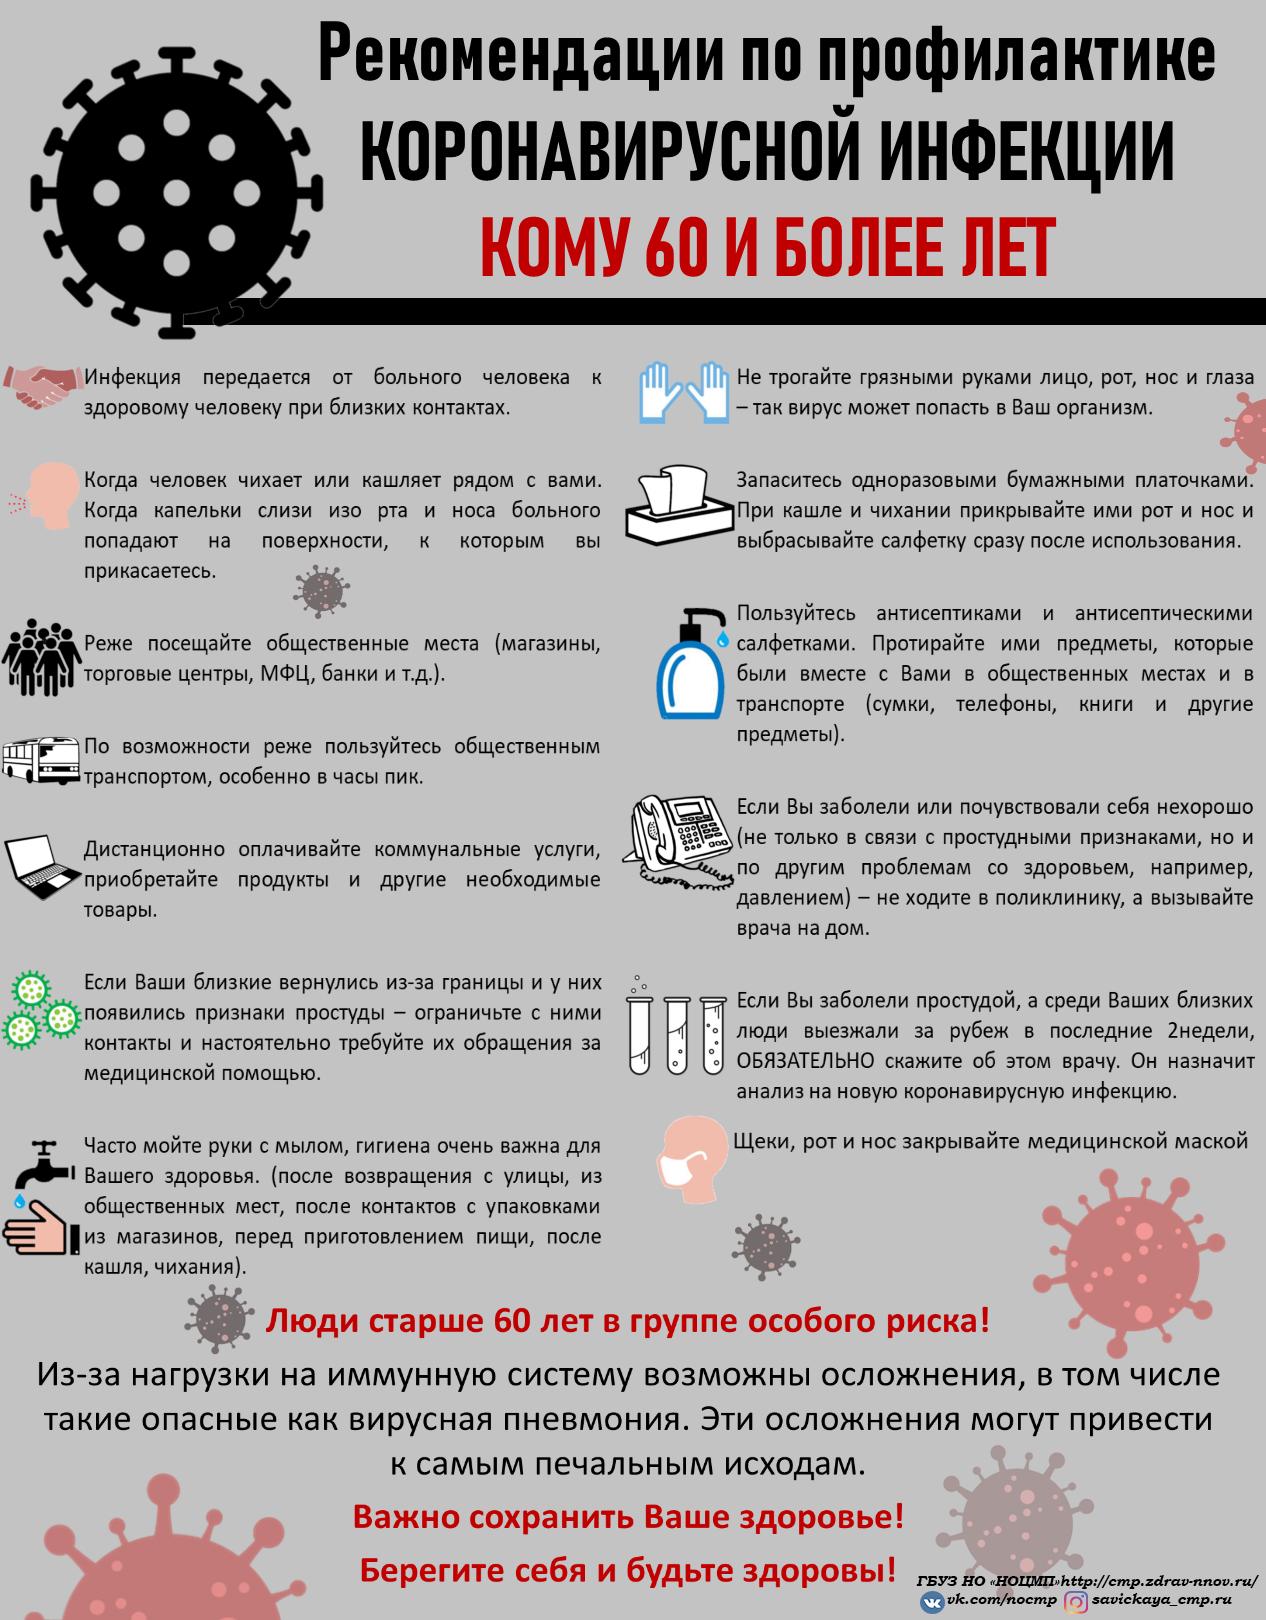 Лечение коронавируса у человека covid-19